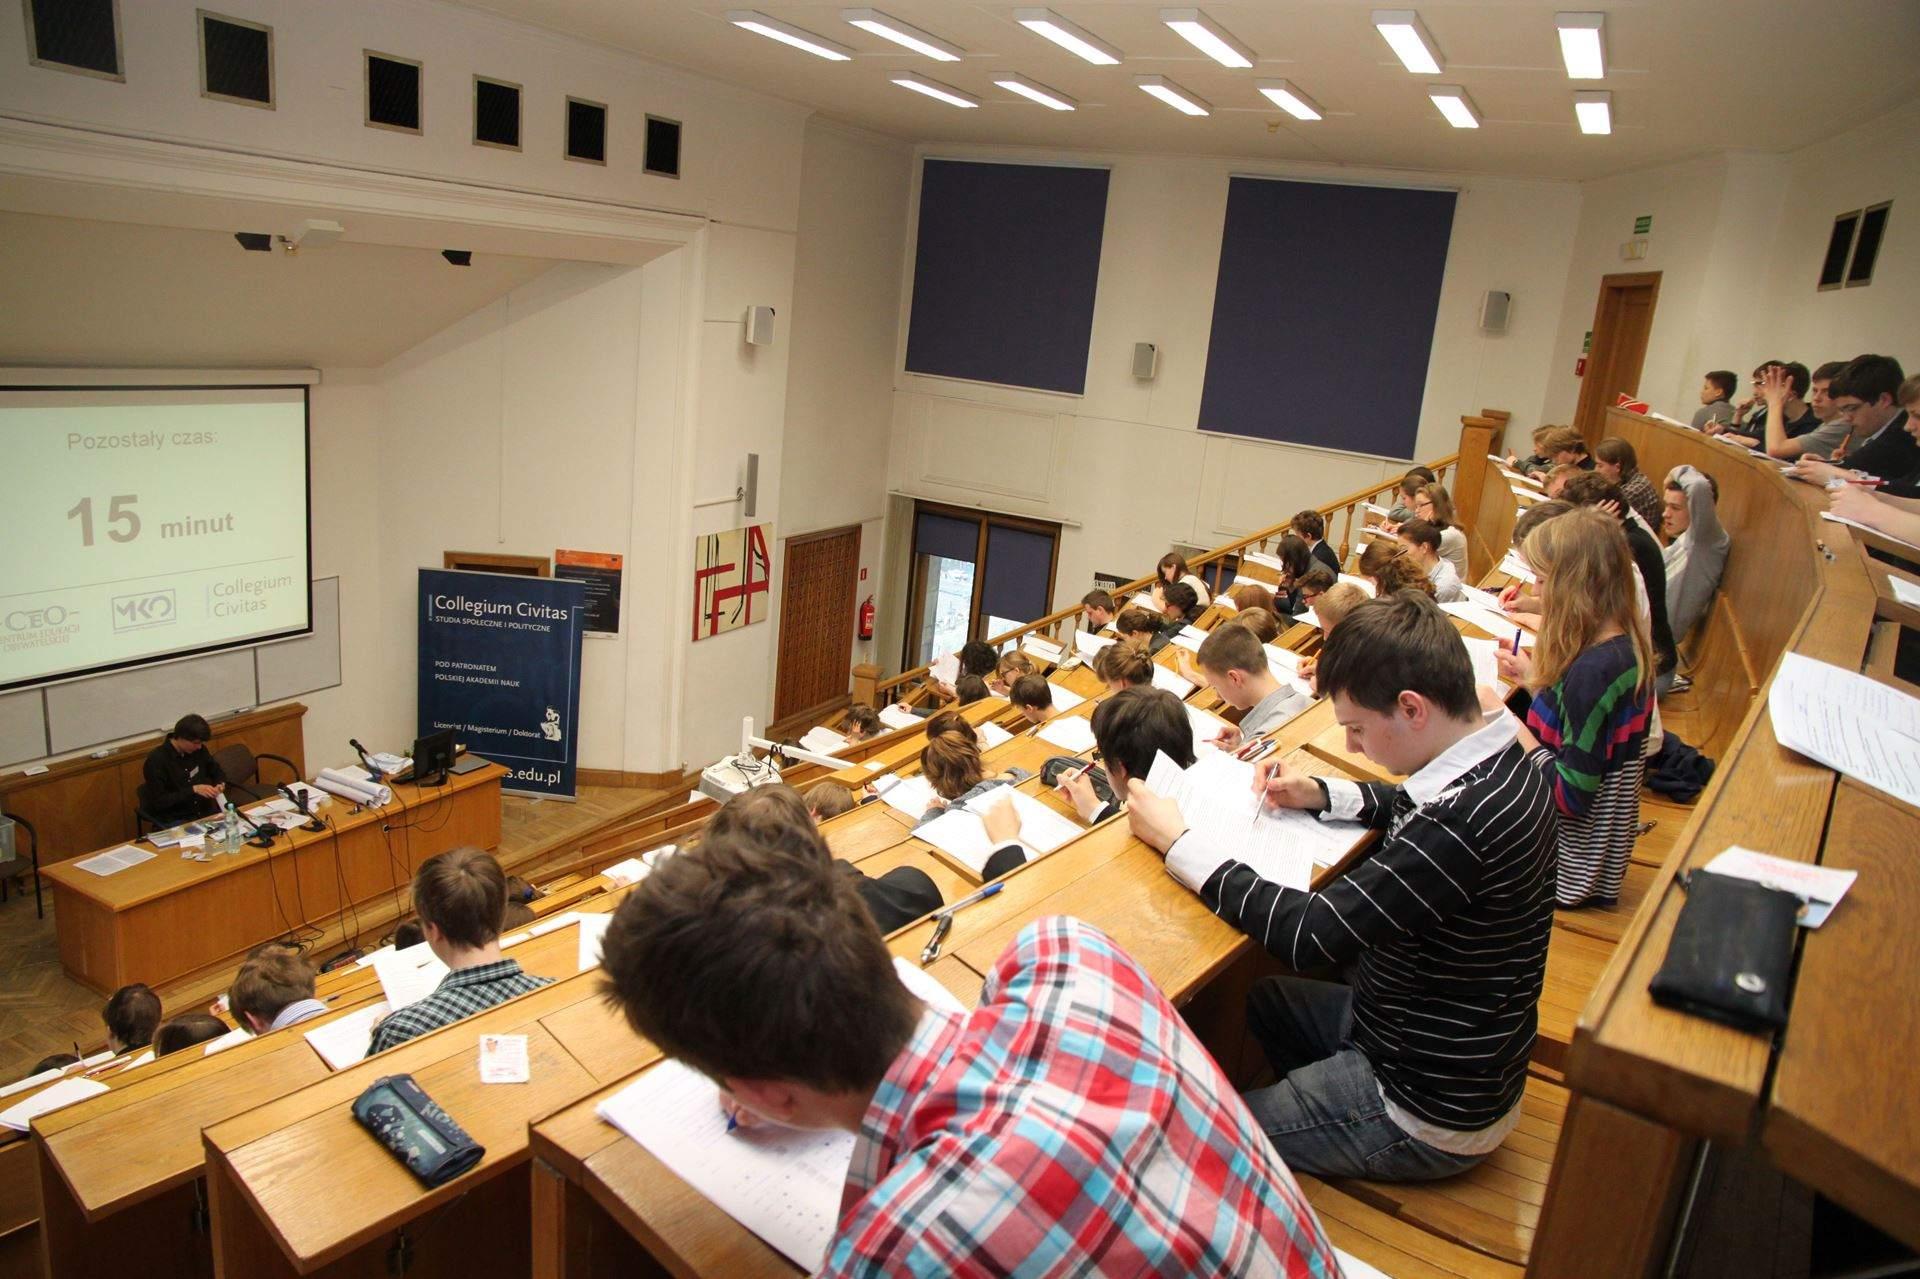 aula_wykladowa_collegium_civitas